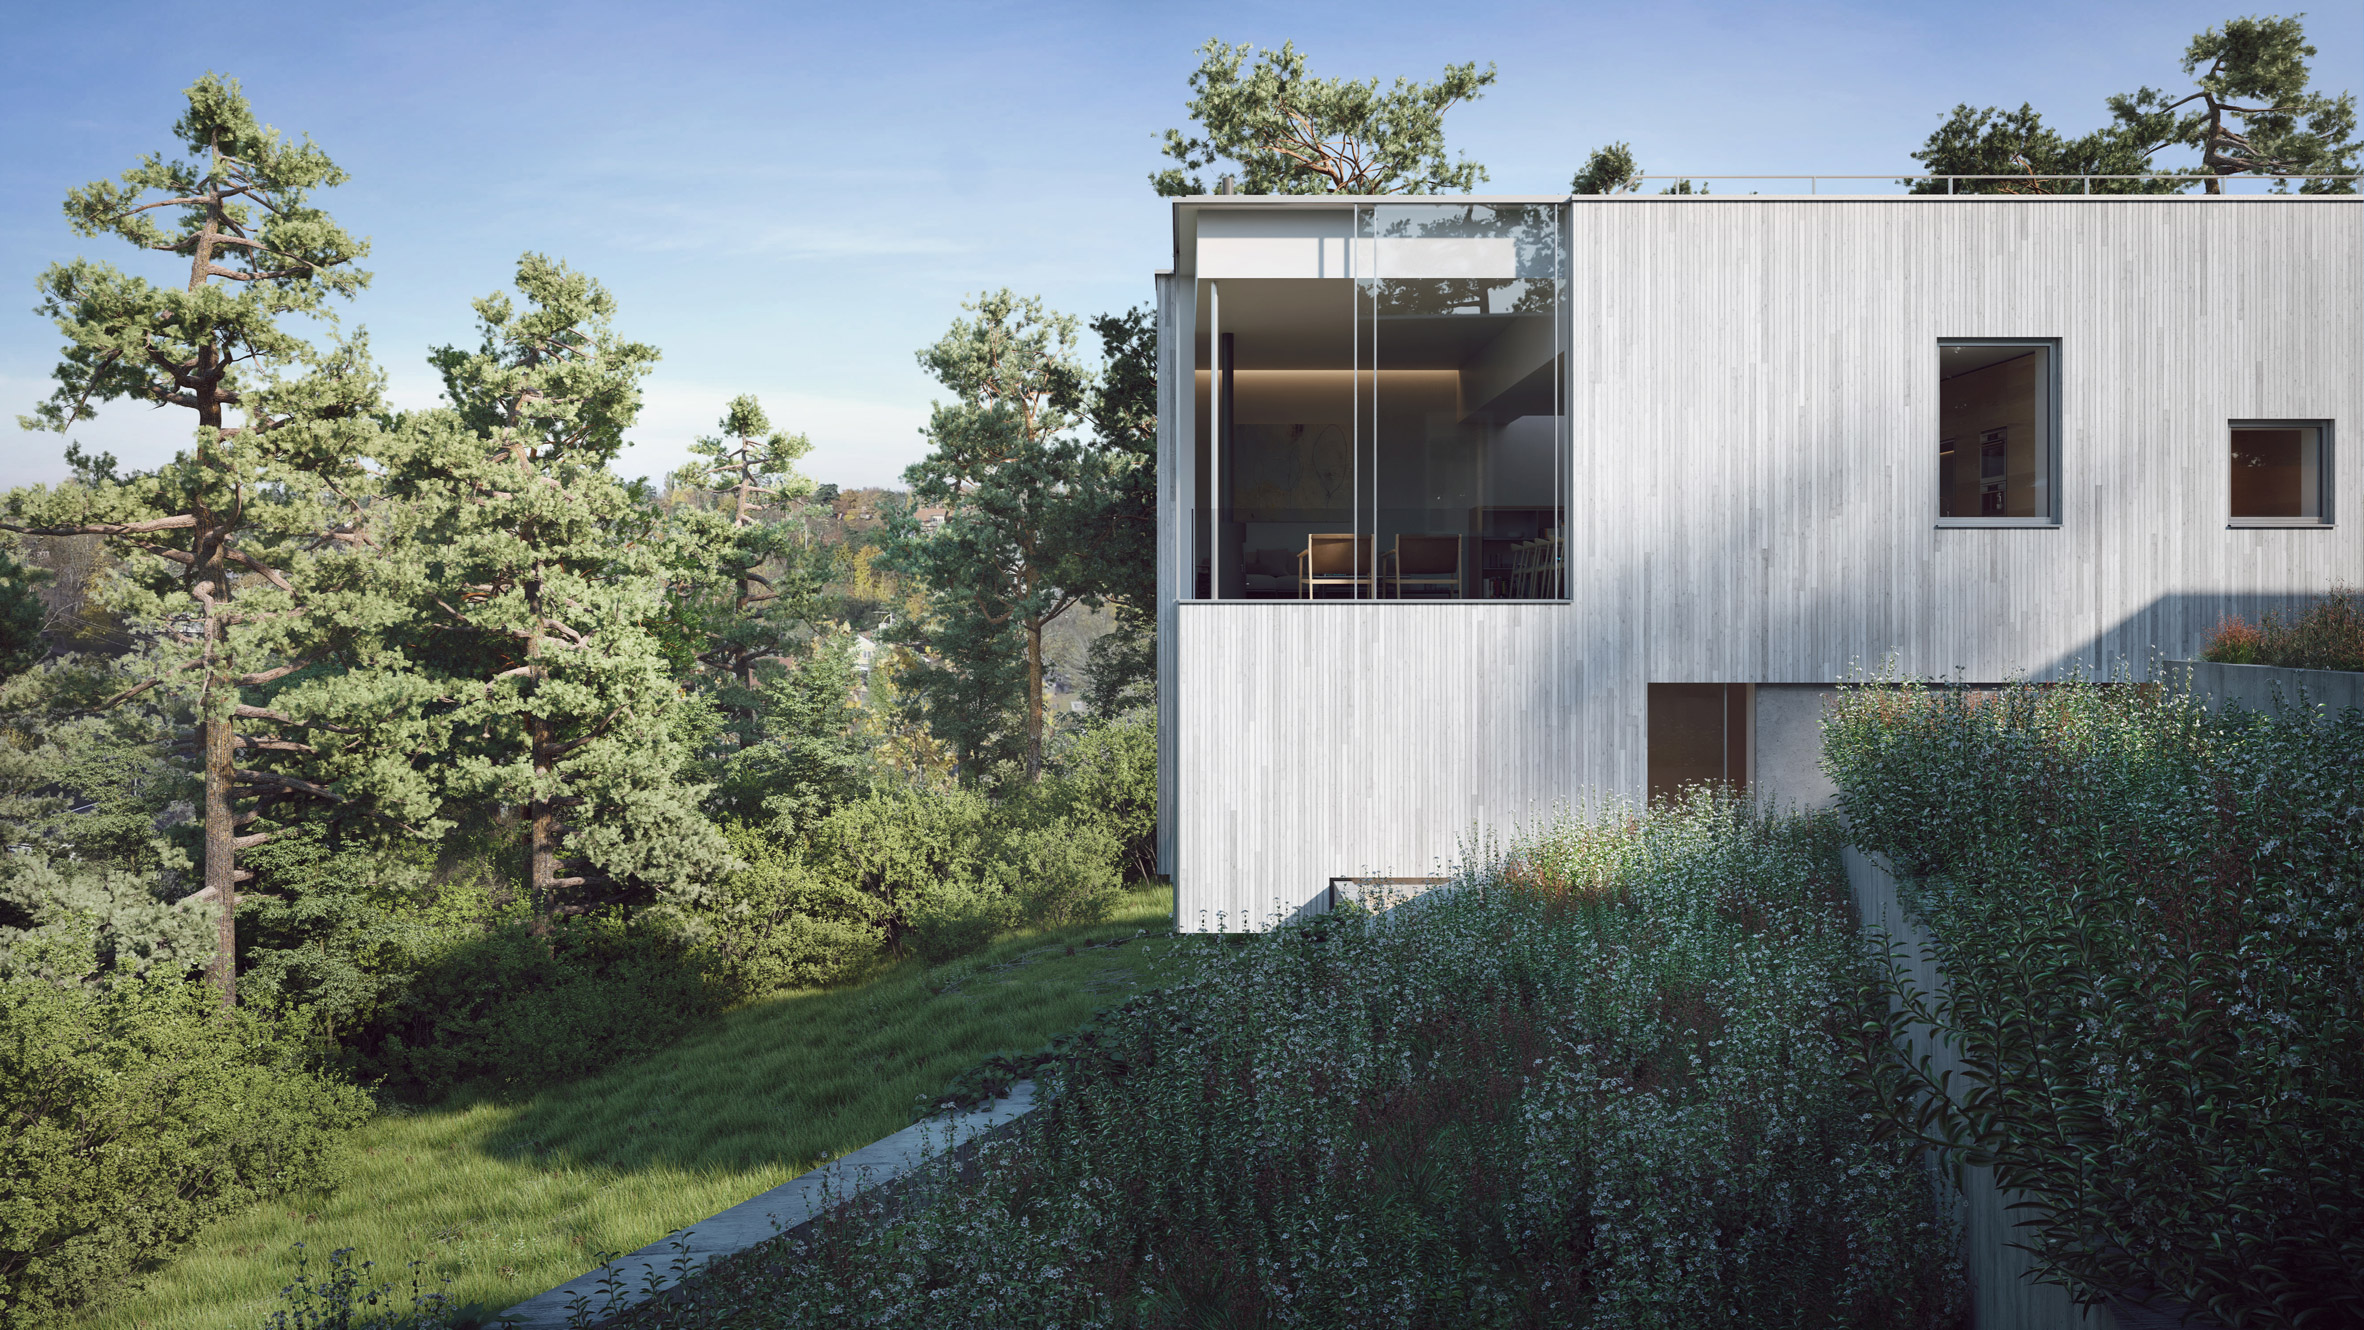 pyrus-strom-architects-architecture-residential-sweden_dezeen_2364_col_3-1.jpg